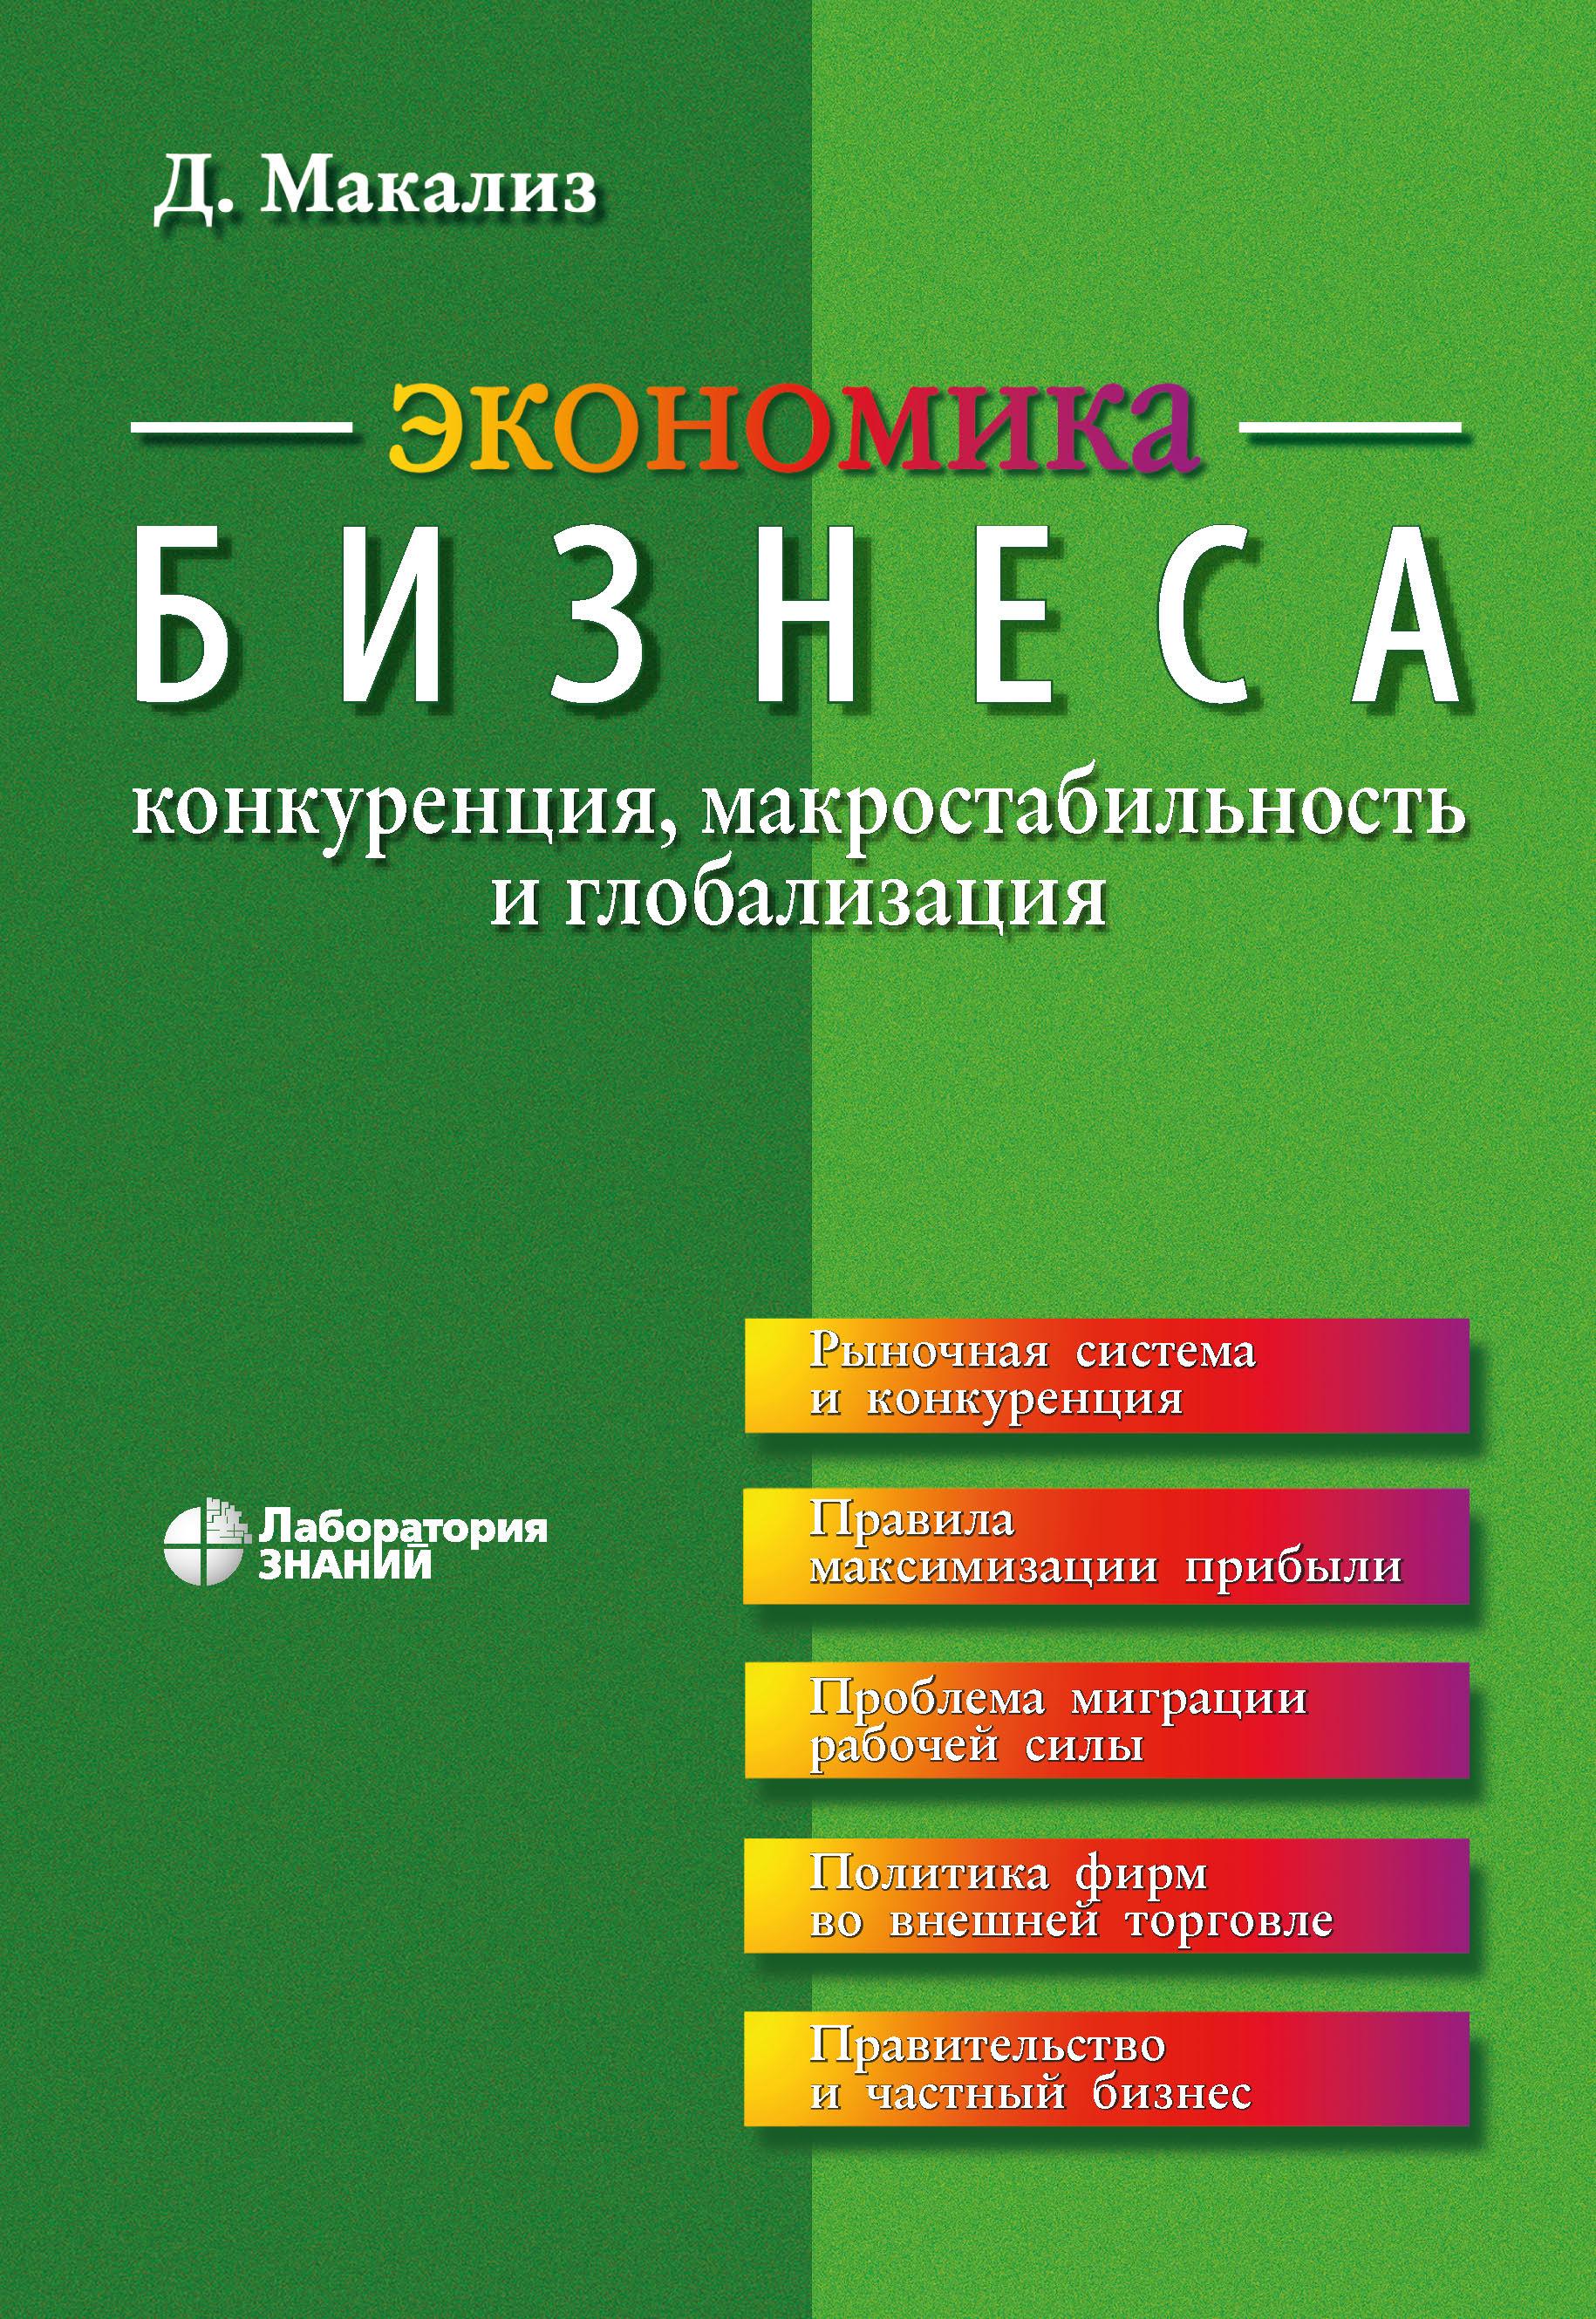 Дермот Макализ Экономика бизнеса: конкуренция, макростабильность и глобализация дермот макализ экономика бизнеса конкуренция макростабильность и глобализация